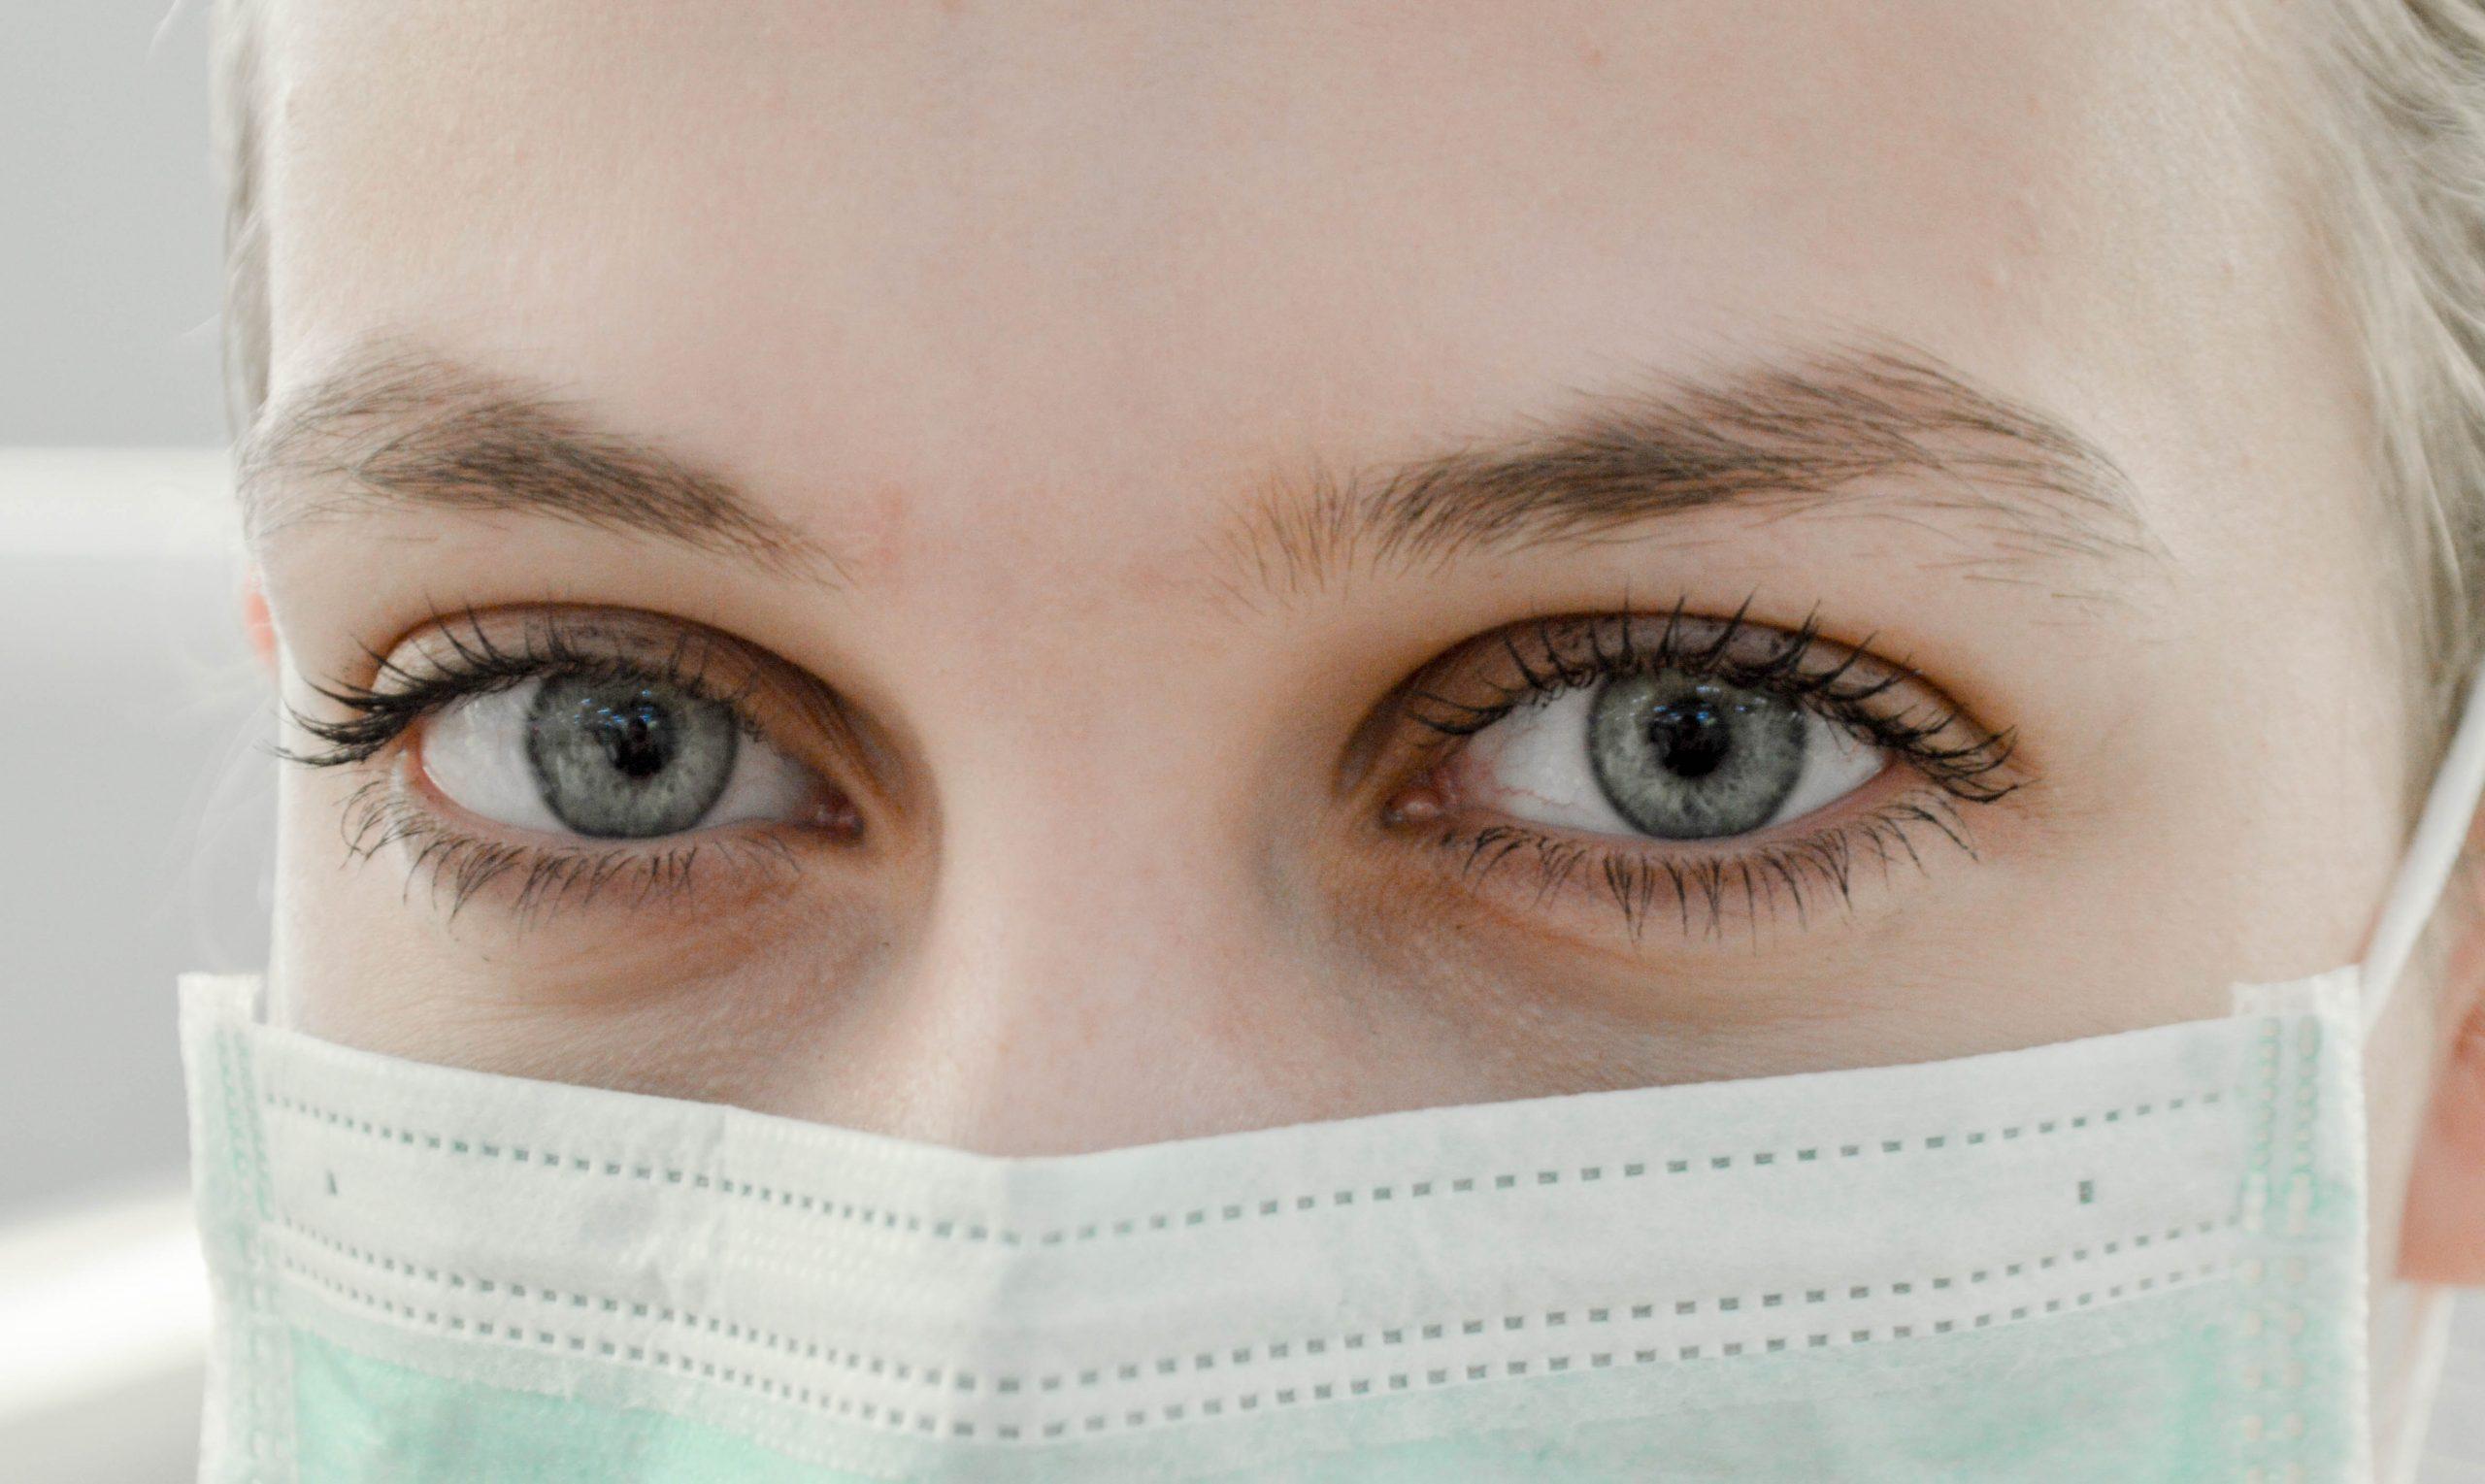 Mascarillas para combatir el coronavirus: no es necesario según indican los expertos.